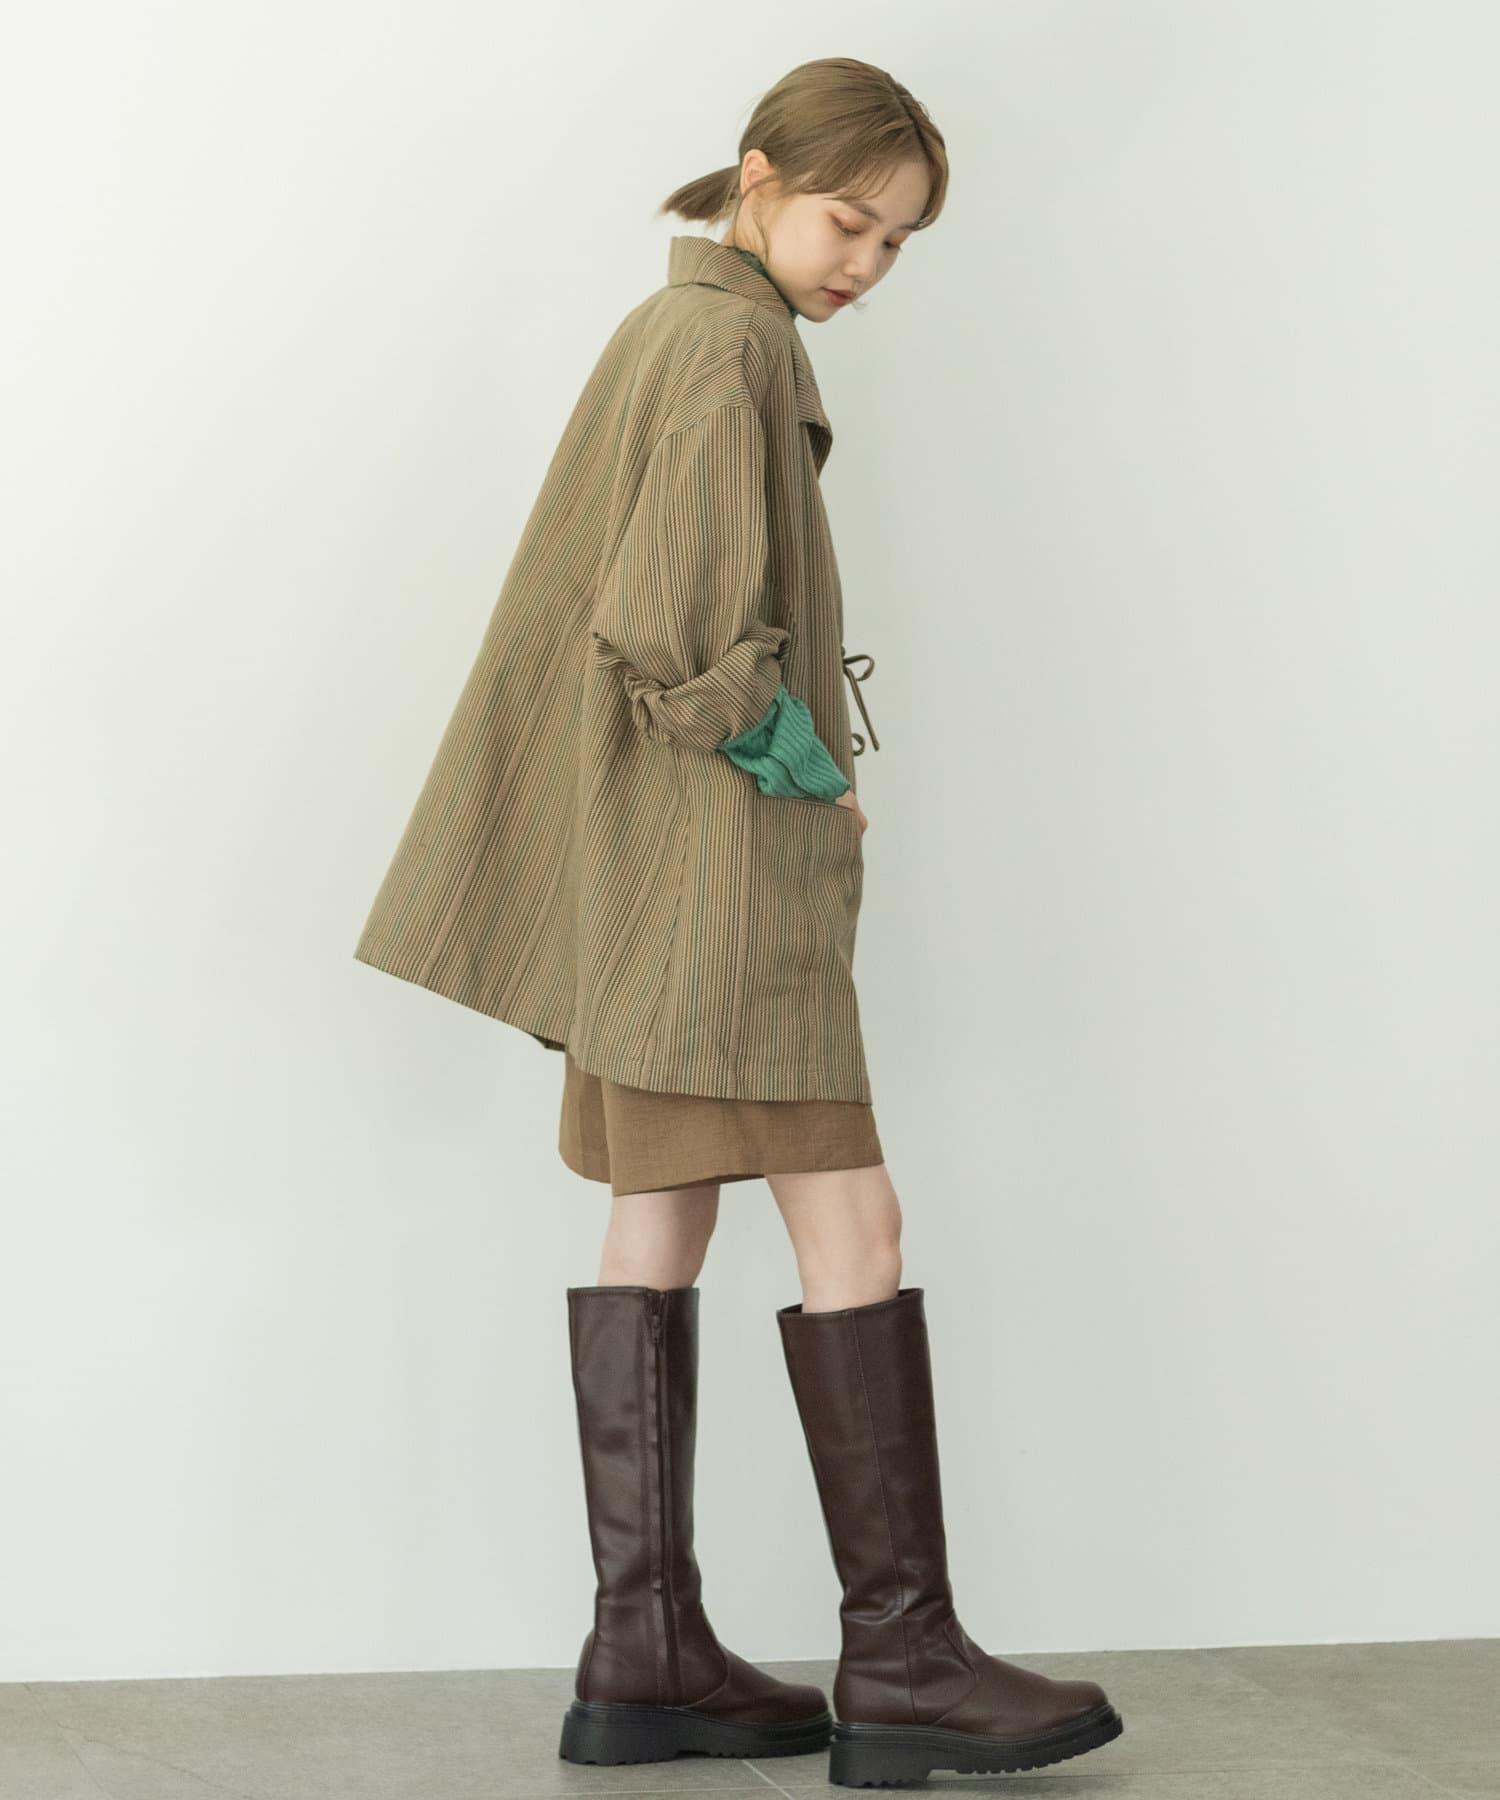 Kastane(カスタネ) 【カタログ掲載アイテム】マルチストライプ紐付きジャケット